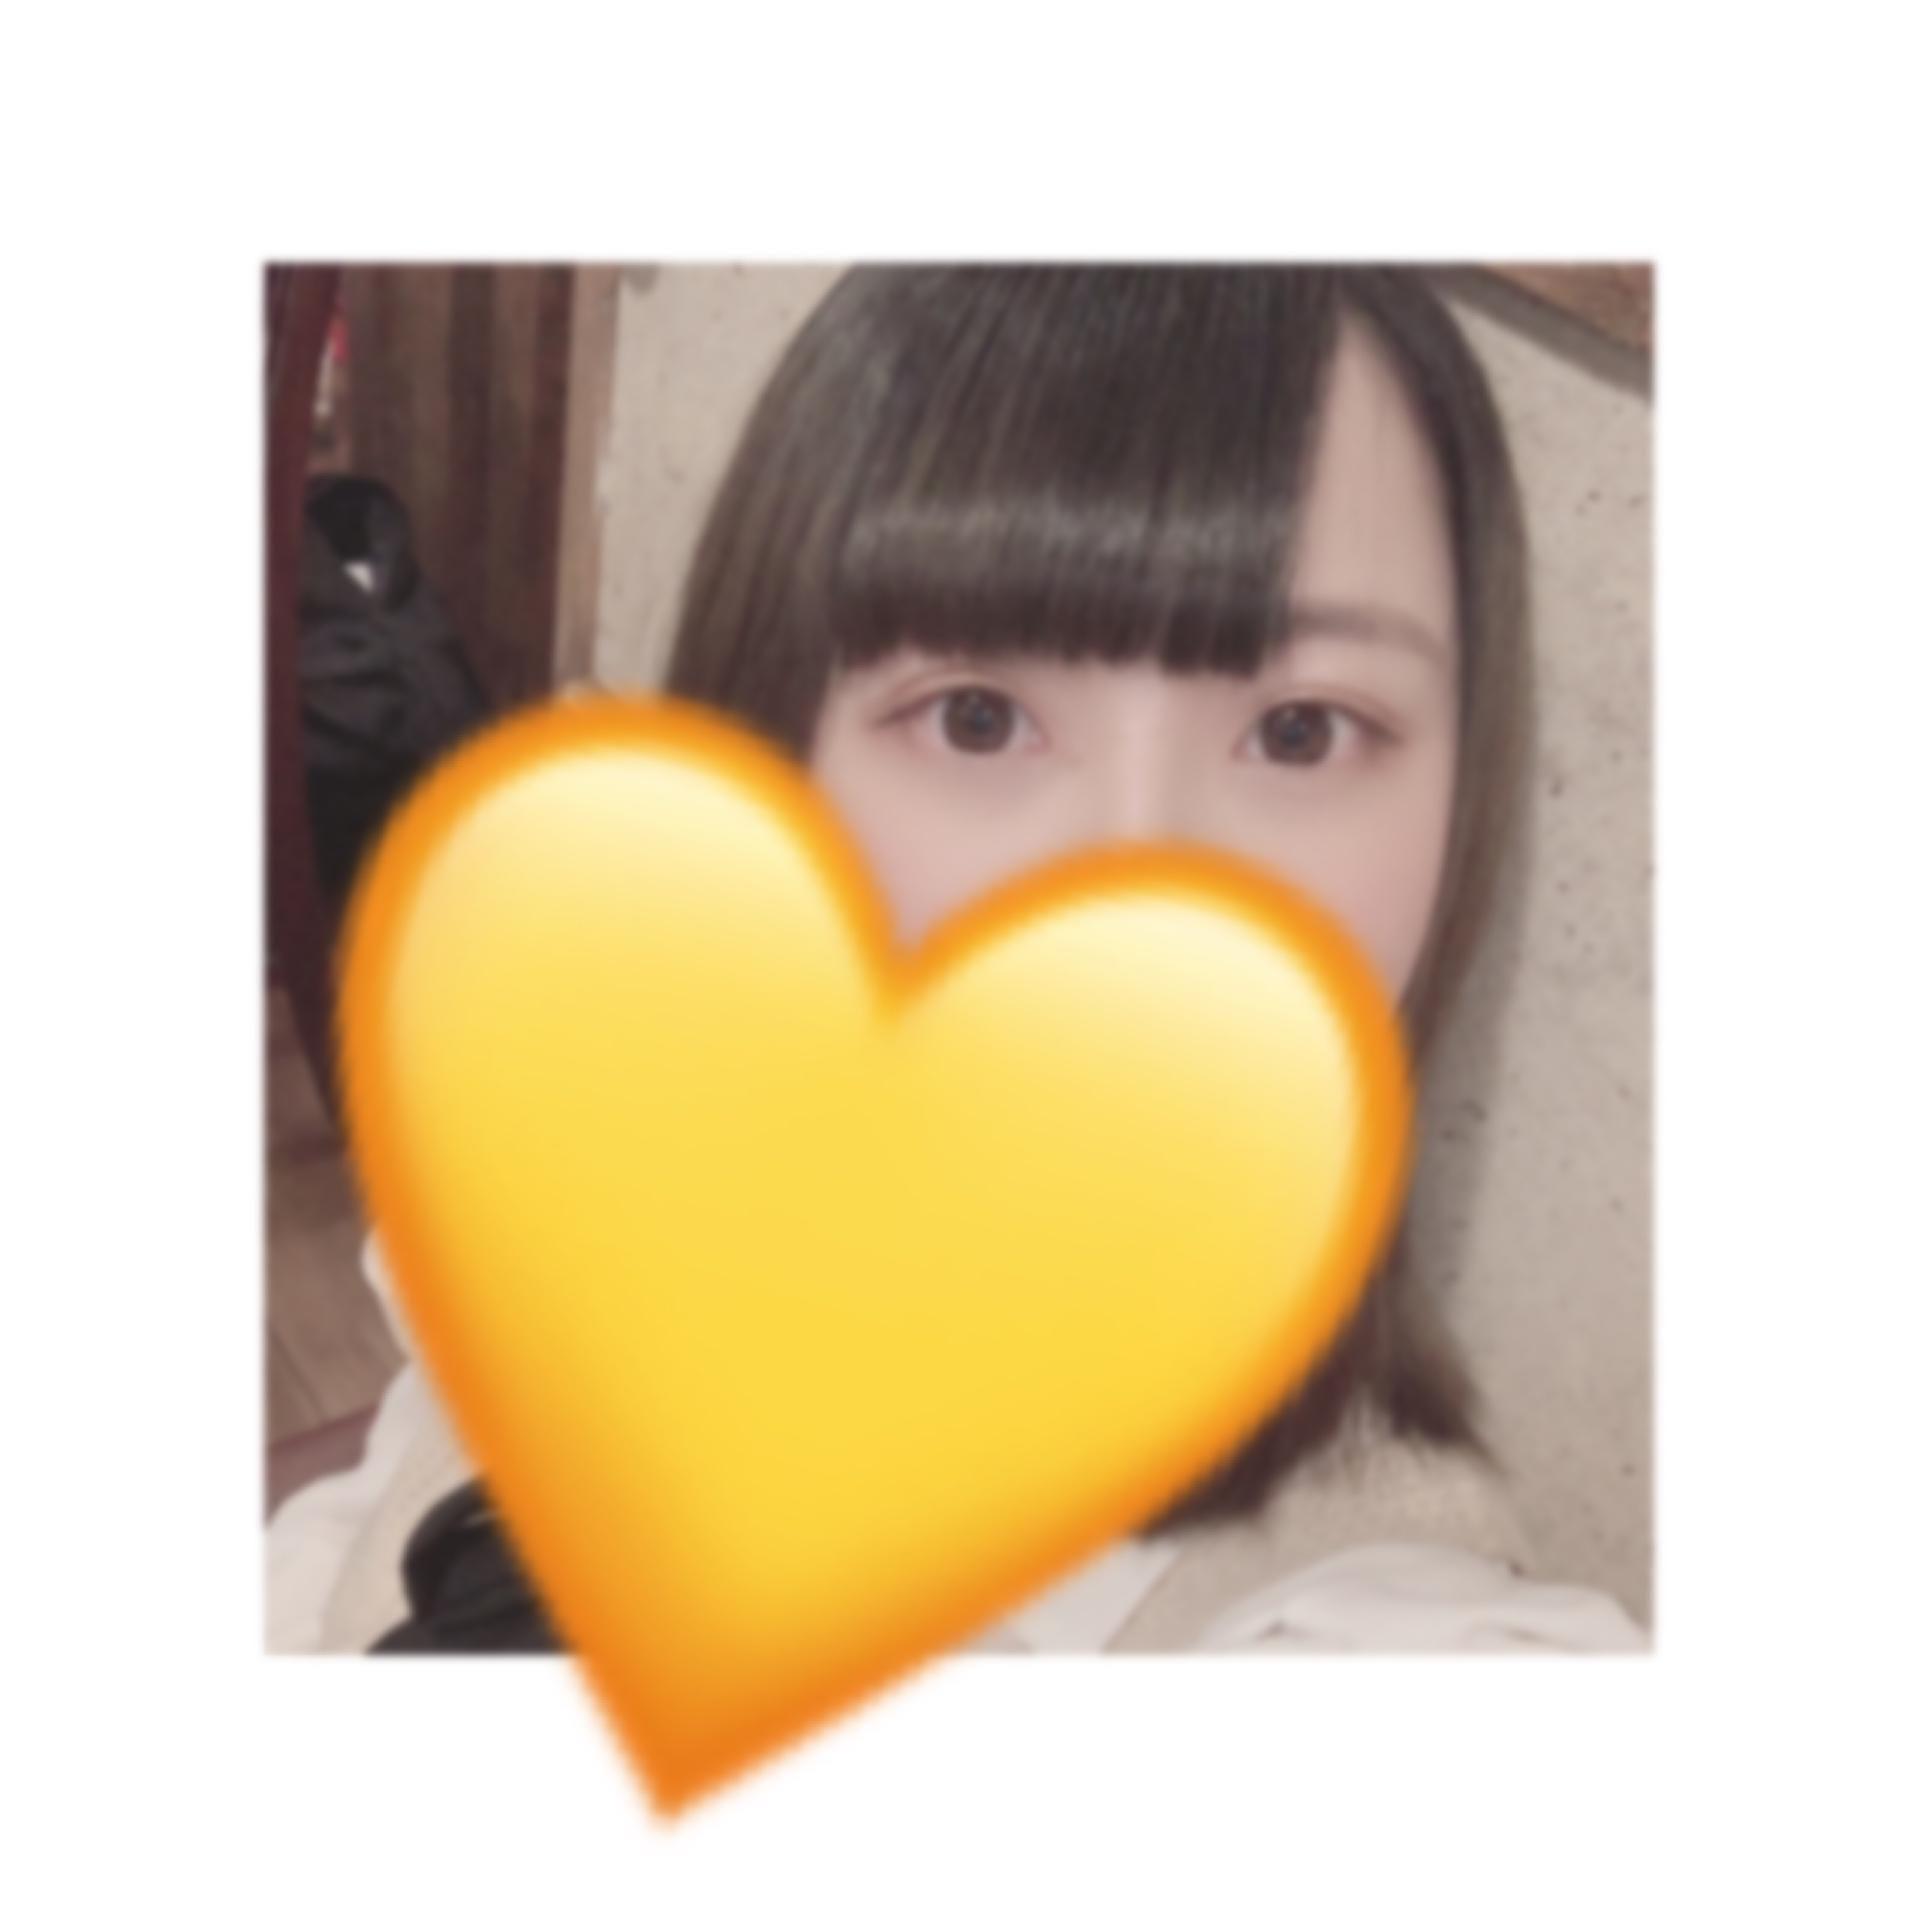 「ねぇねぇ!」05/22(05/22) 12:56 | たまの写メ・風俗動画